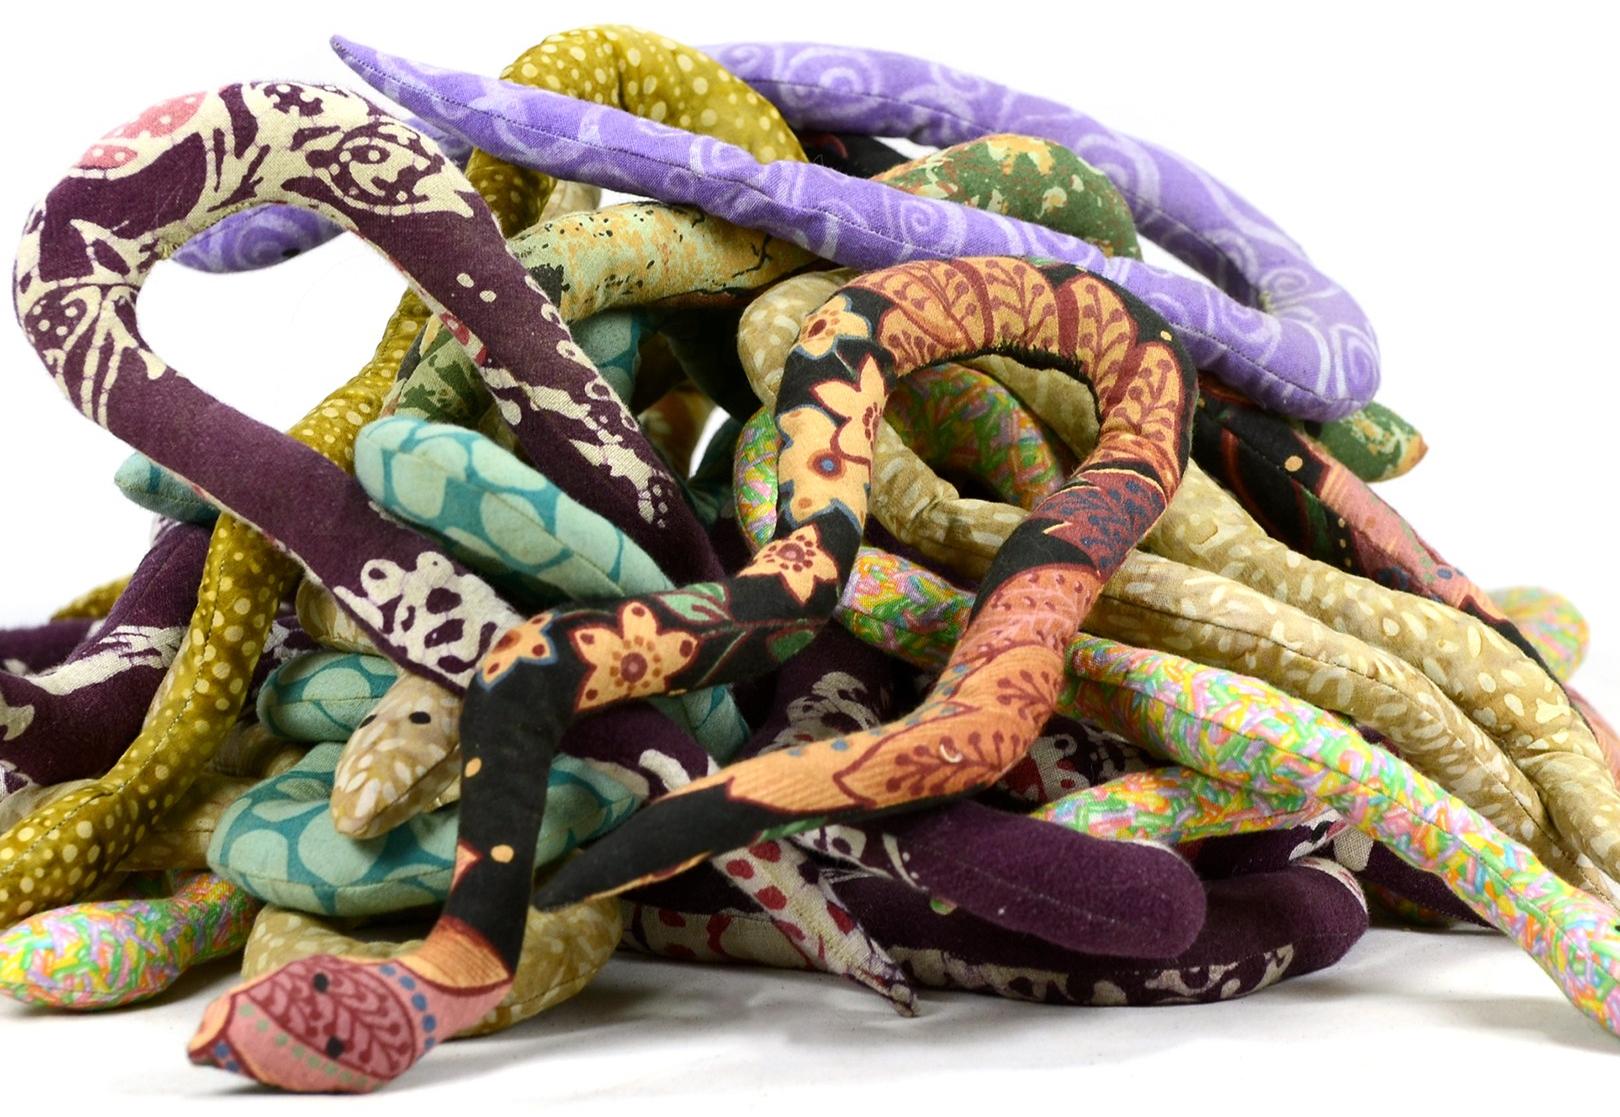 march-2019-snake-pile-closer.jpg